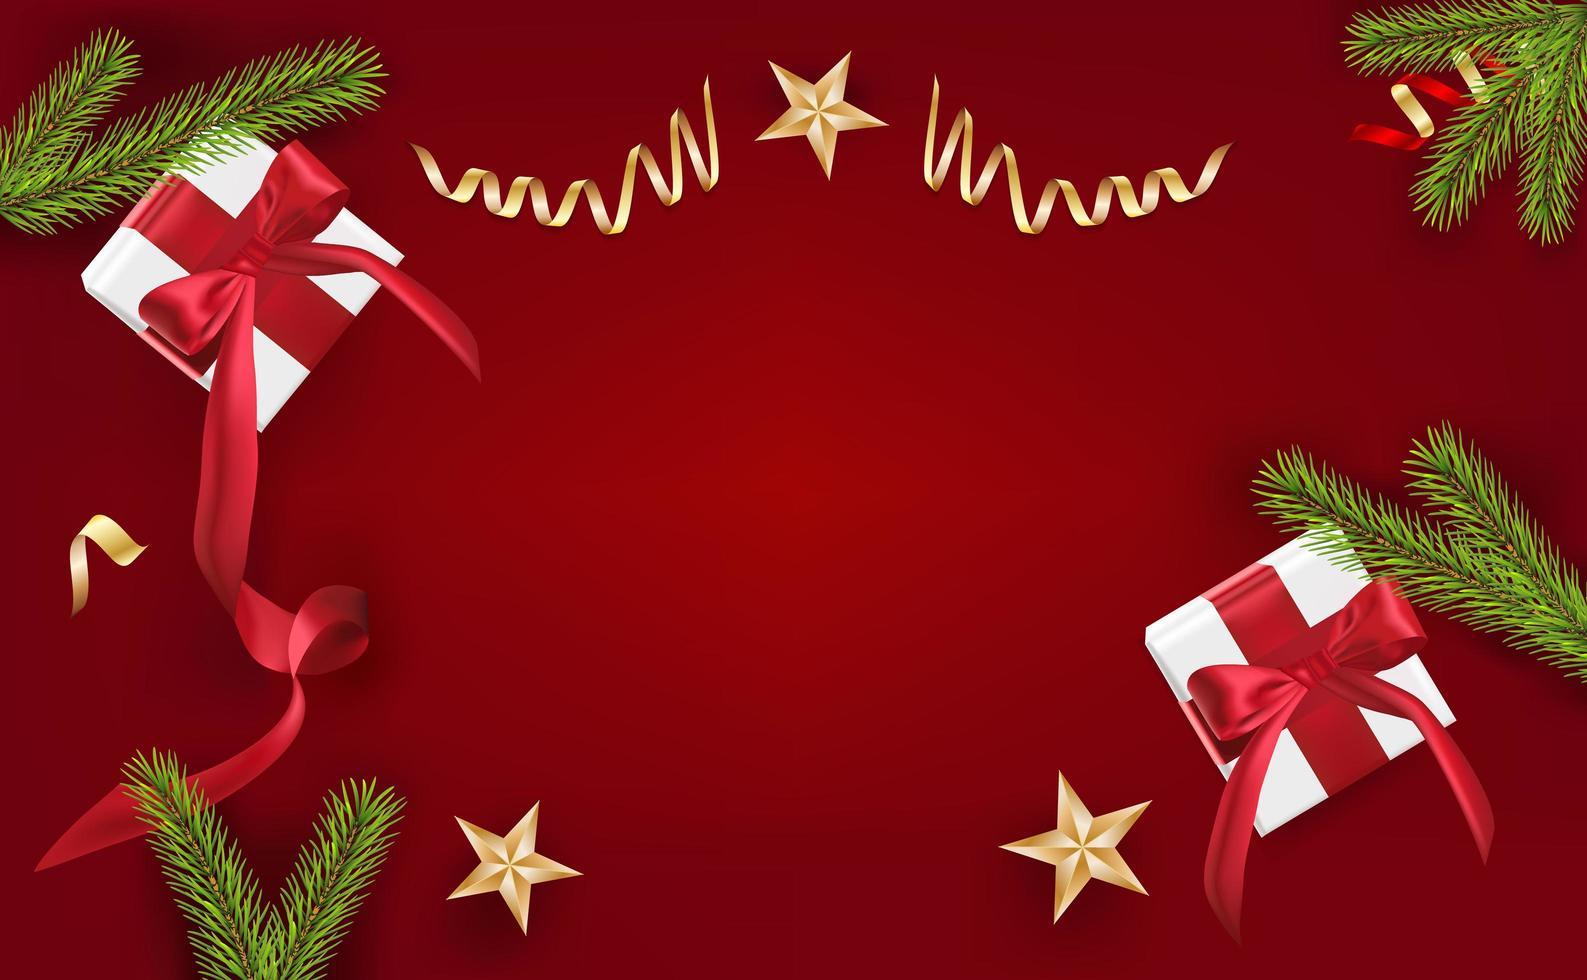 felice anno nuovo, elementi decorativi di design natalizio con scatola regalo e orpelli rossi. poster natalizi orizzontali, biglietti di auguri. oggetti visti dall'alto. vista piana, vista dall'alto vettore